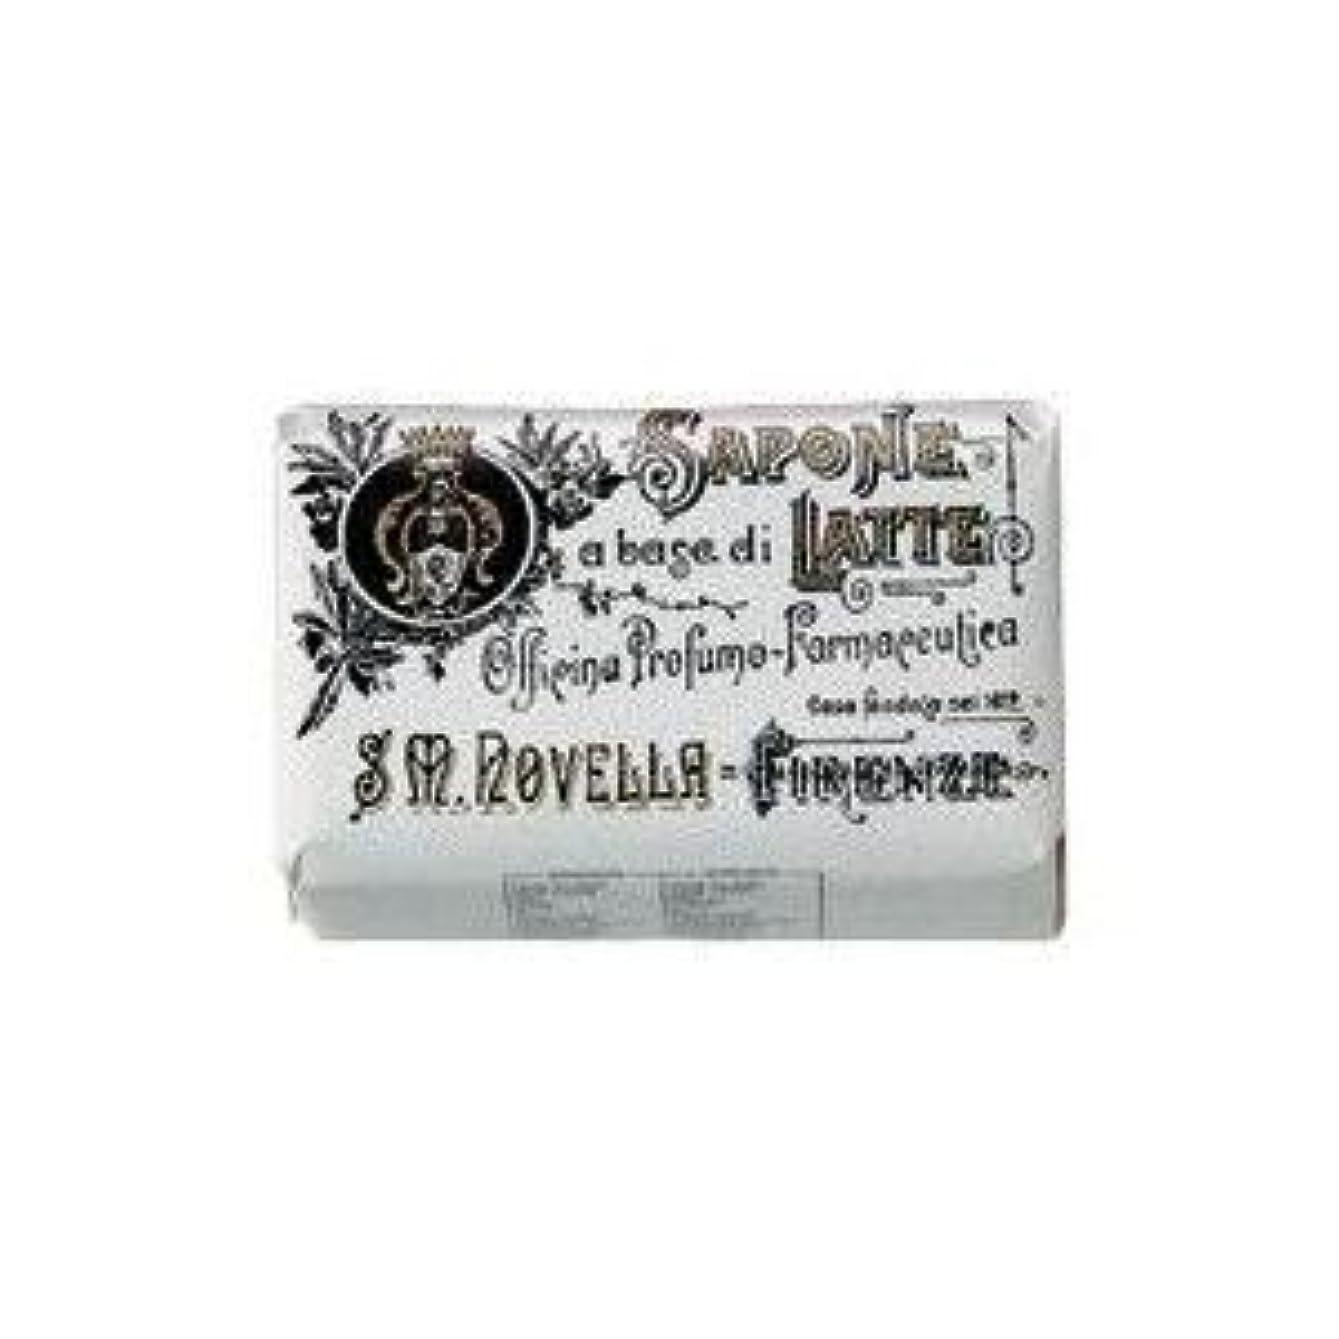 困惑した斧望ましい【Santa Maria Novella(サンタマリアノヴェッラ )】ミルクソープ バーベナ 100g